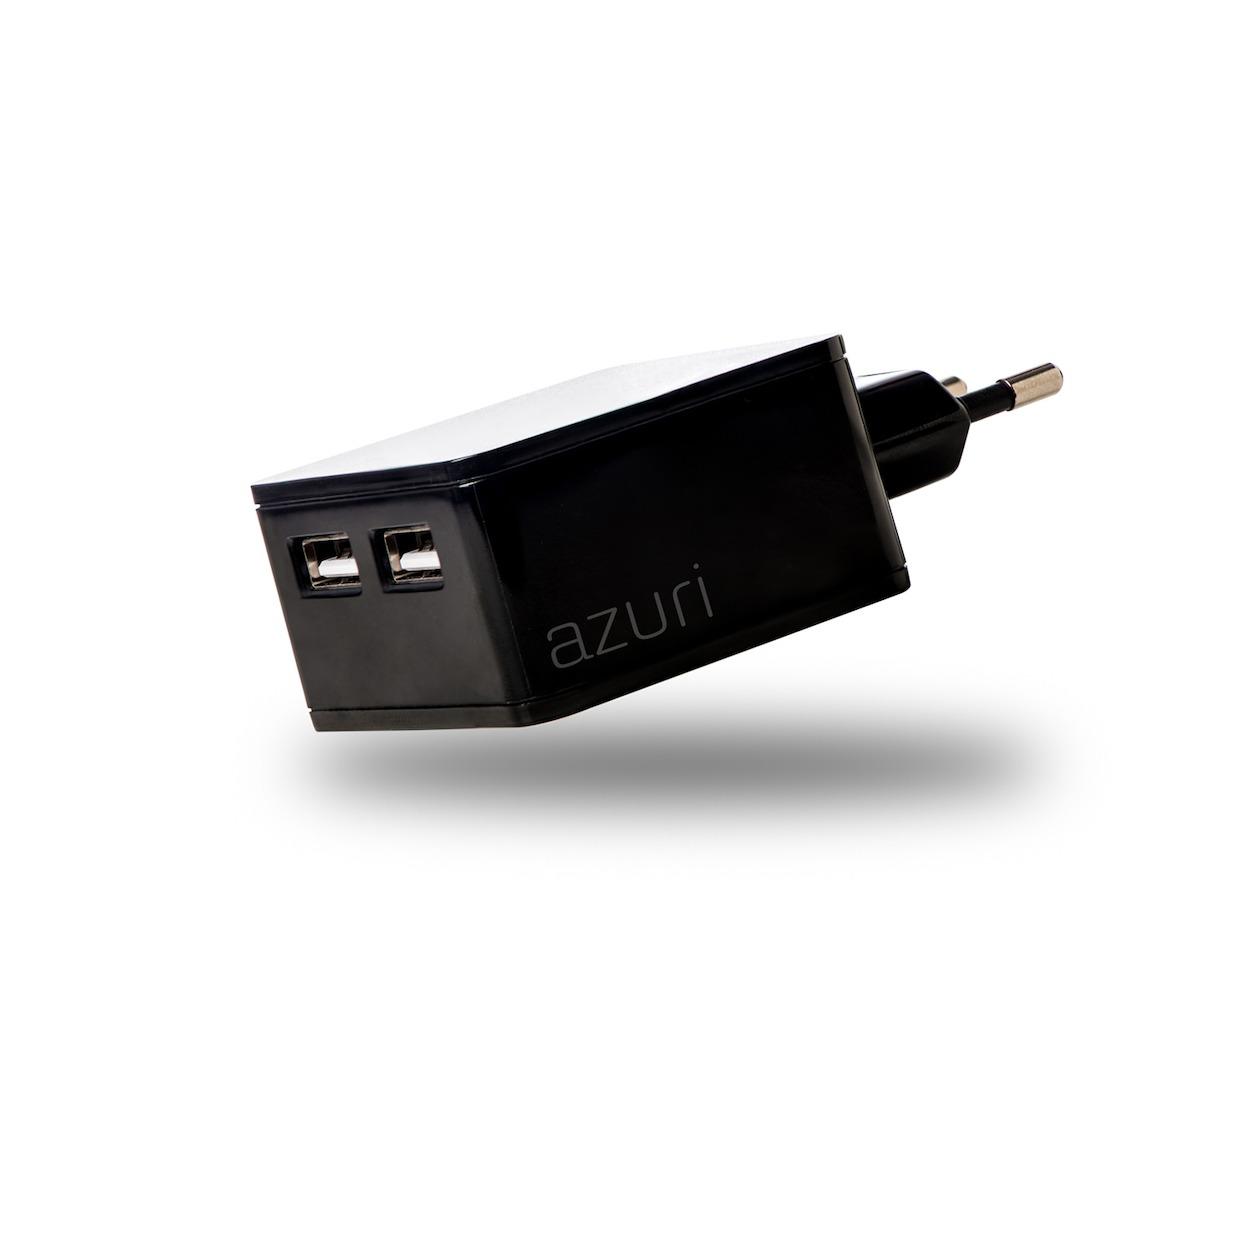 Afbeelding van Azuri oplader Thuislader 2 x USB 4.8Amp zwart